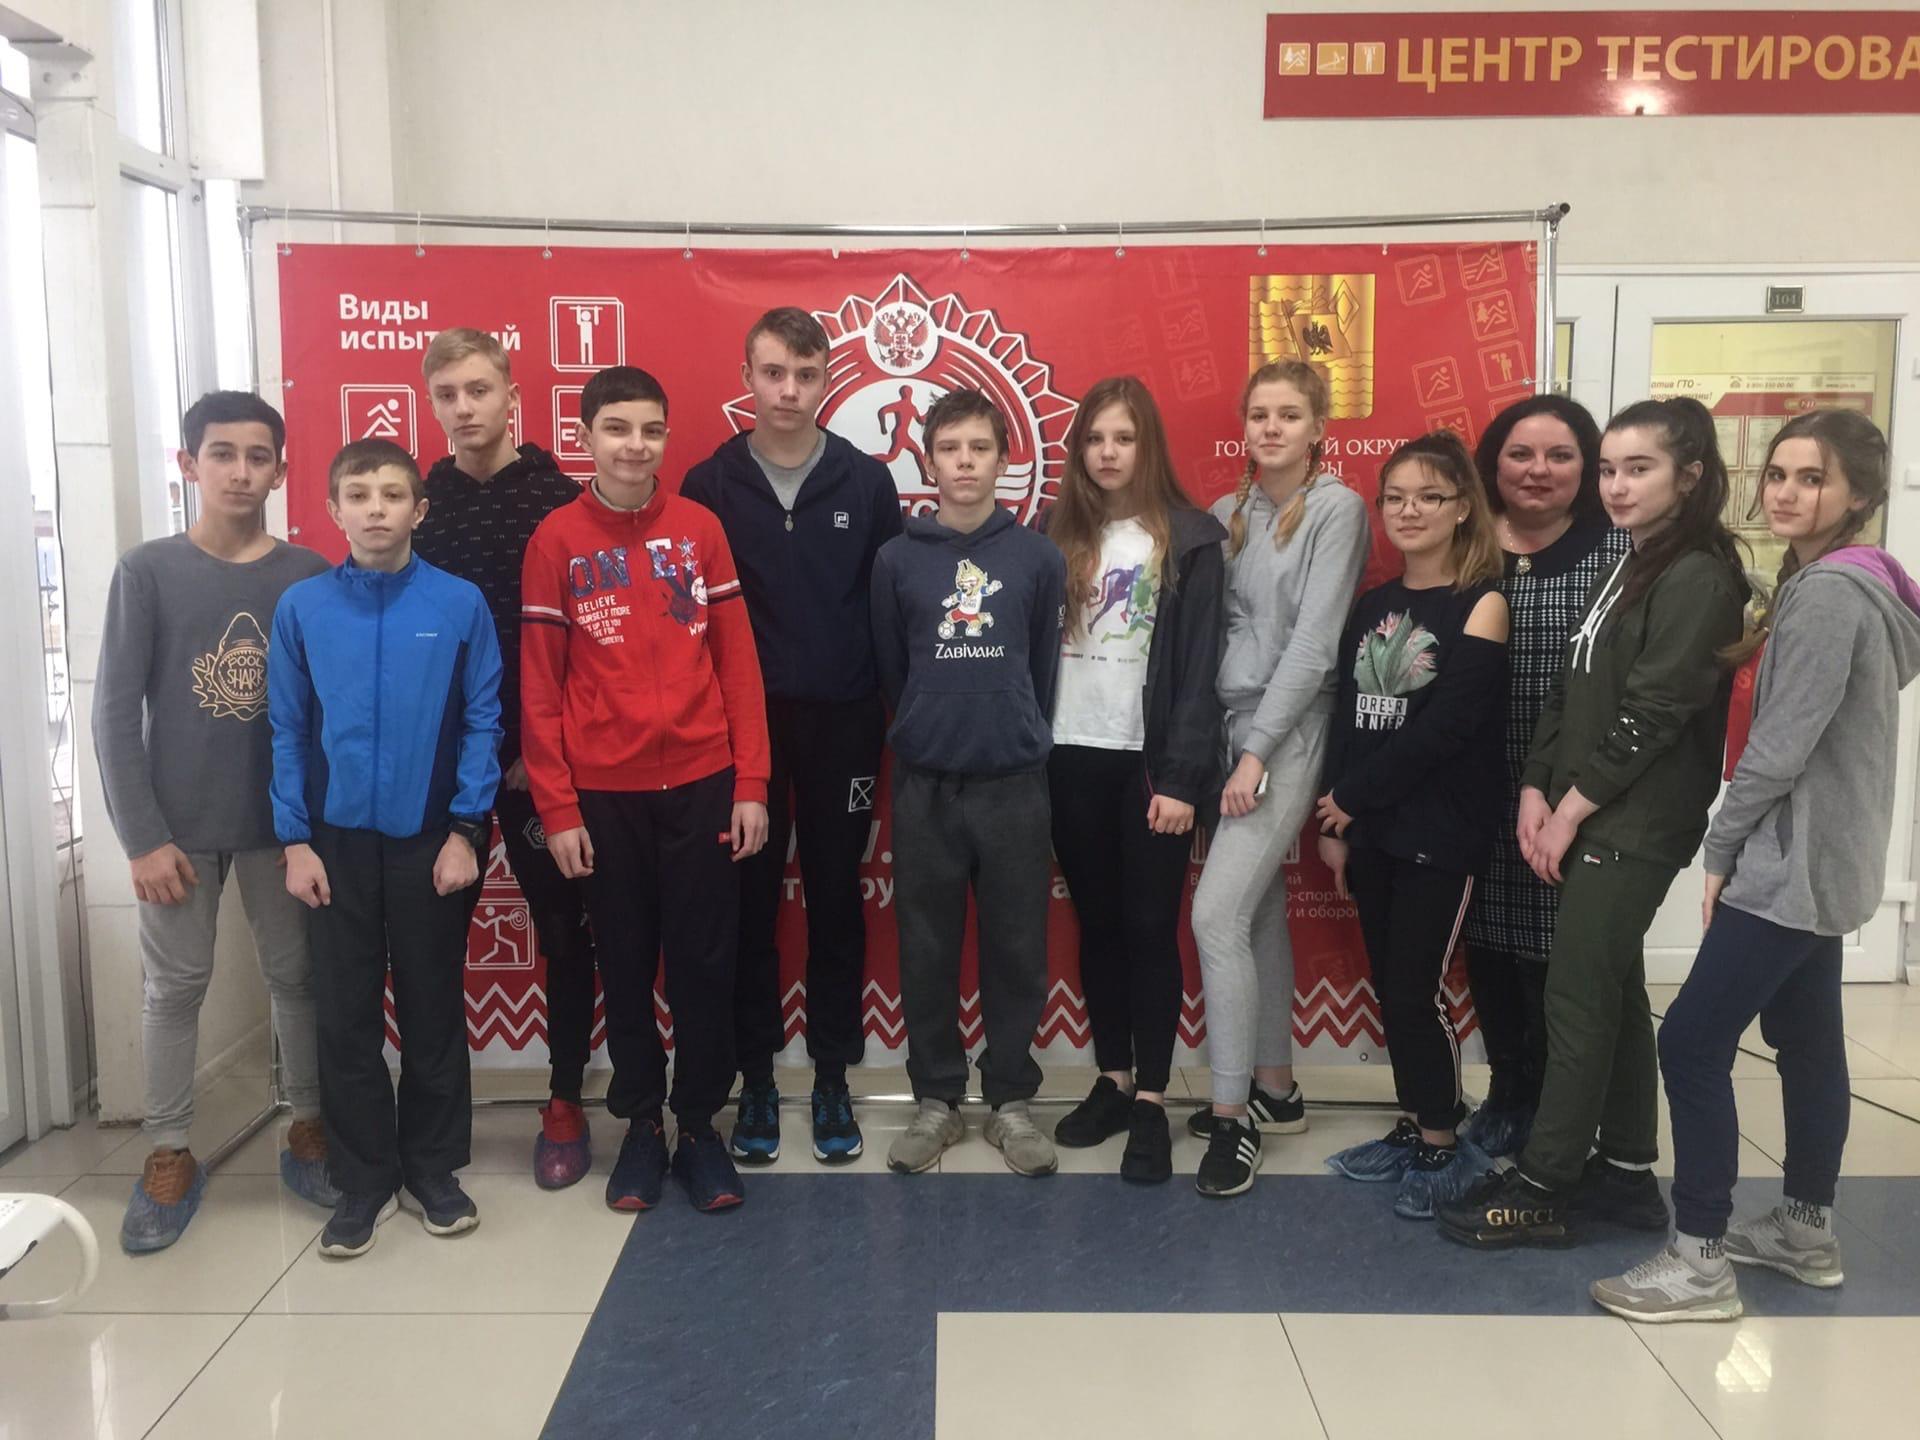 27 января 2020 года на базе МУ «СЦ им. А. Гринина» учащиеся 8-х классов МБОУ СОШ №1 выполнили нормативы ВФСК ГТО IV ступени.